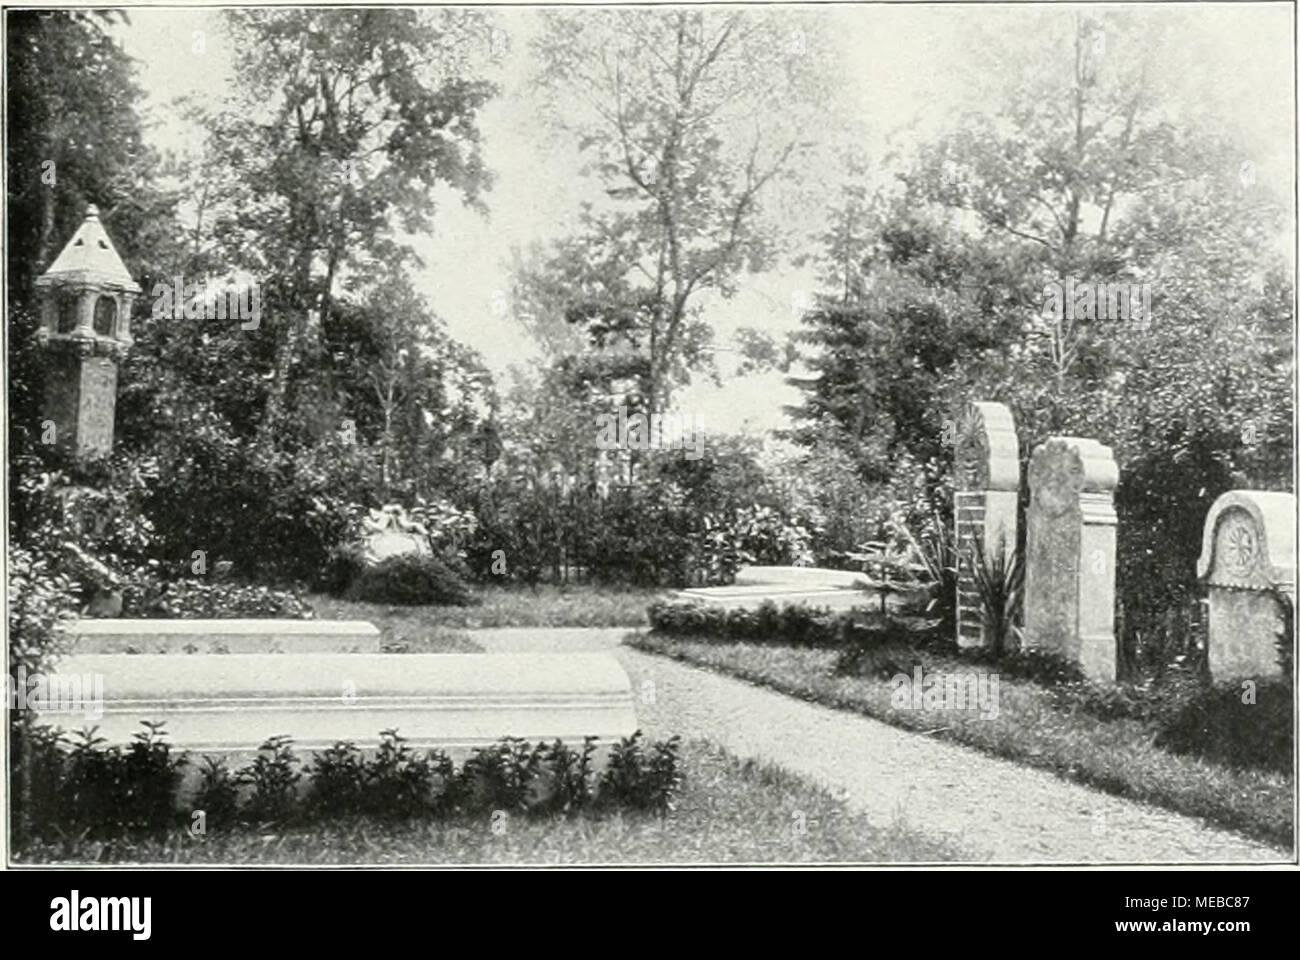 Die Gartenkunst . Friedhofsteil Zwischen Allen Bäunitii Aul Dem  .Muiiciituer Waldfriedhof.